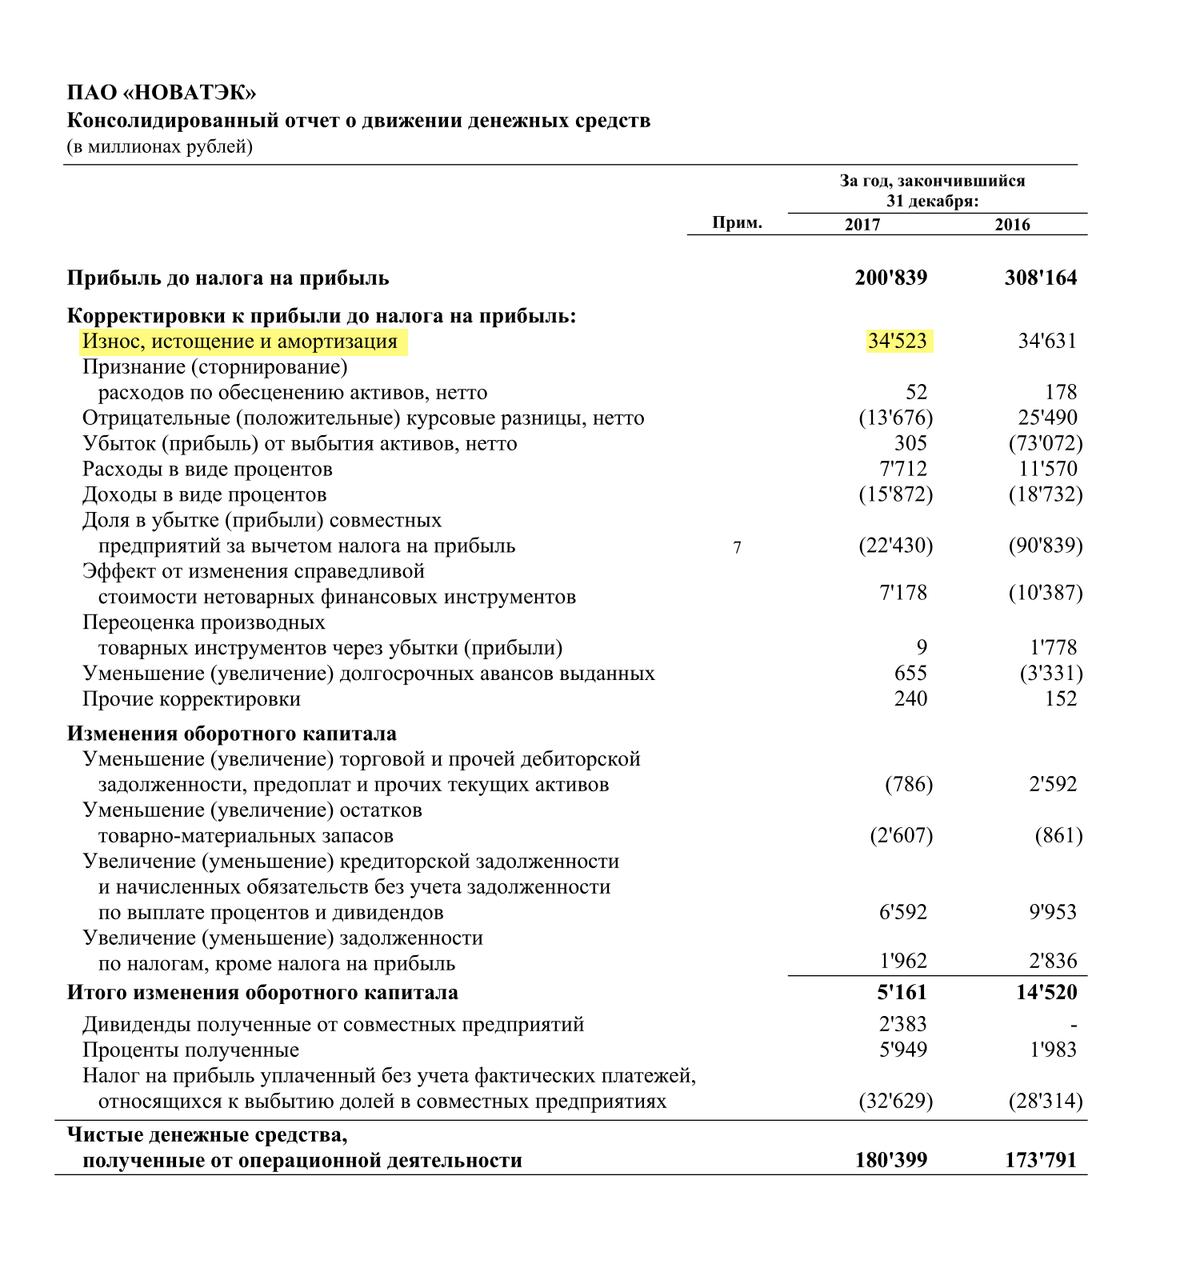 Страница 12 финансового отчета «Новатэка» по итогам 2017 года